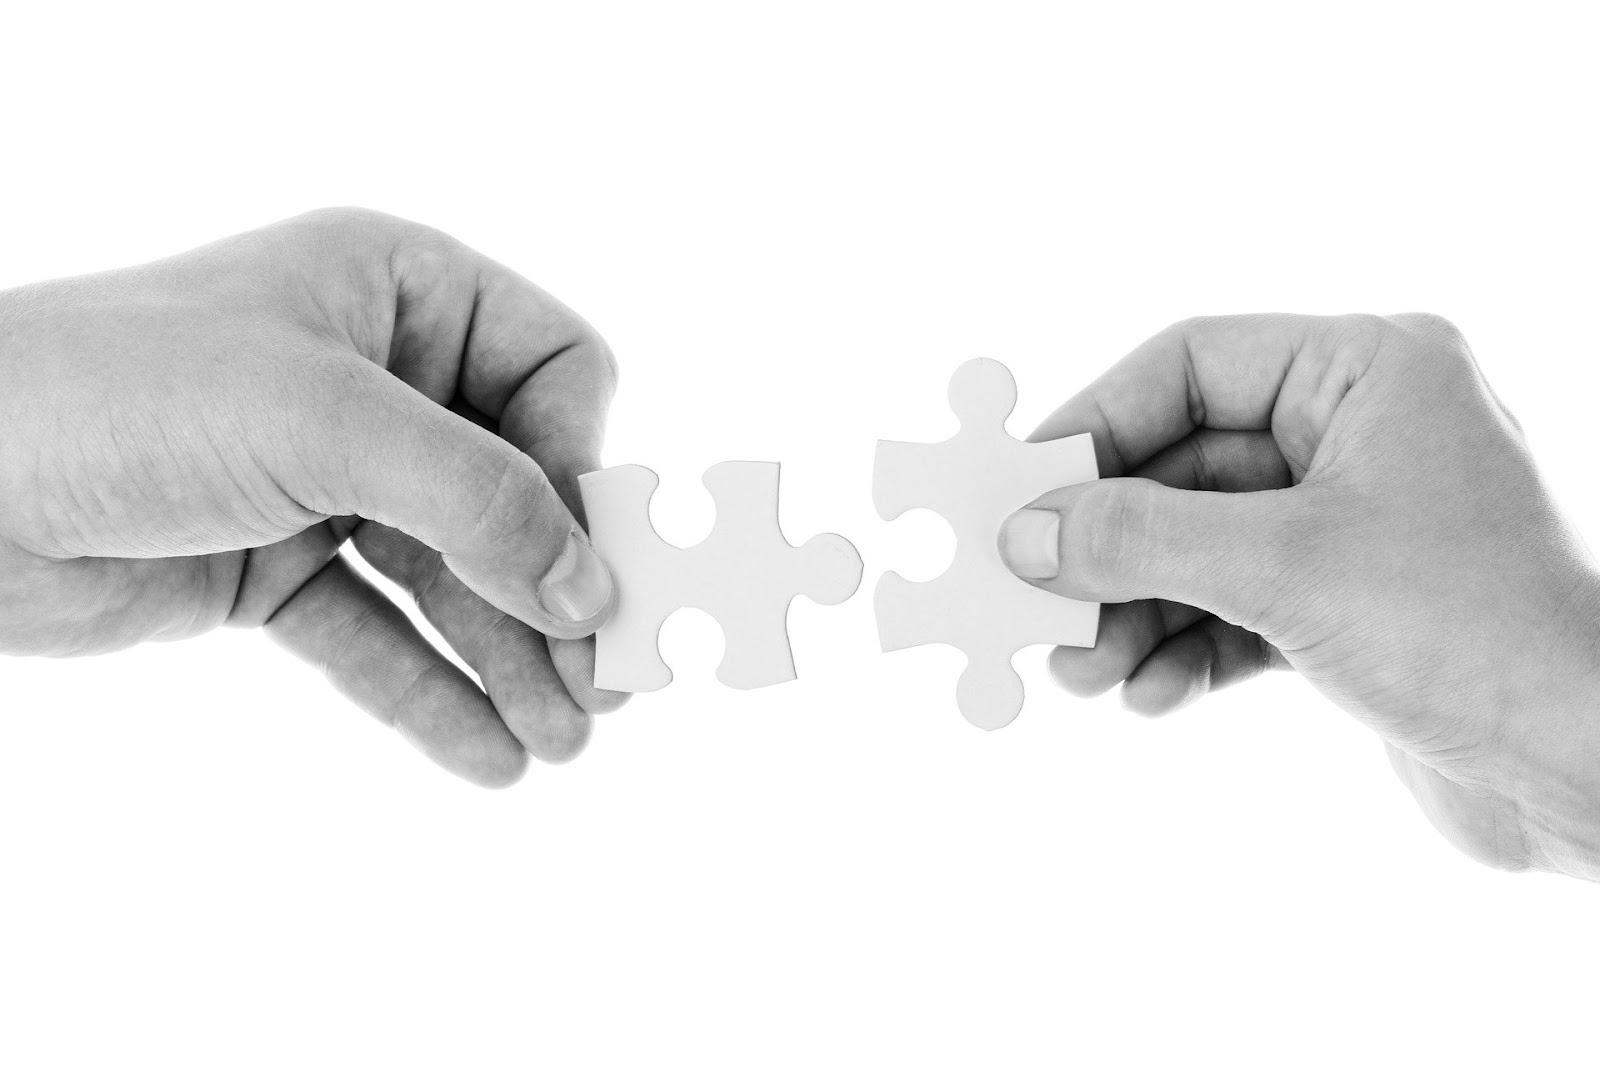 Junte suas vontades para construir o seu Ser